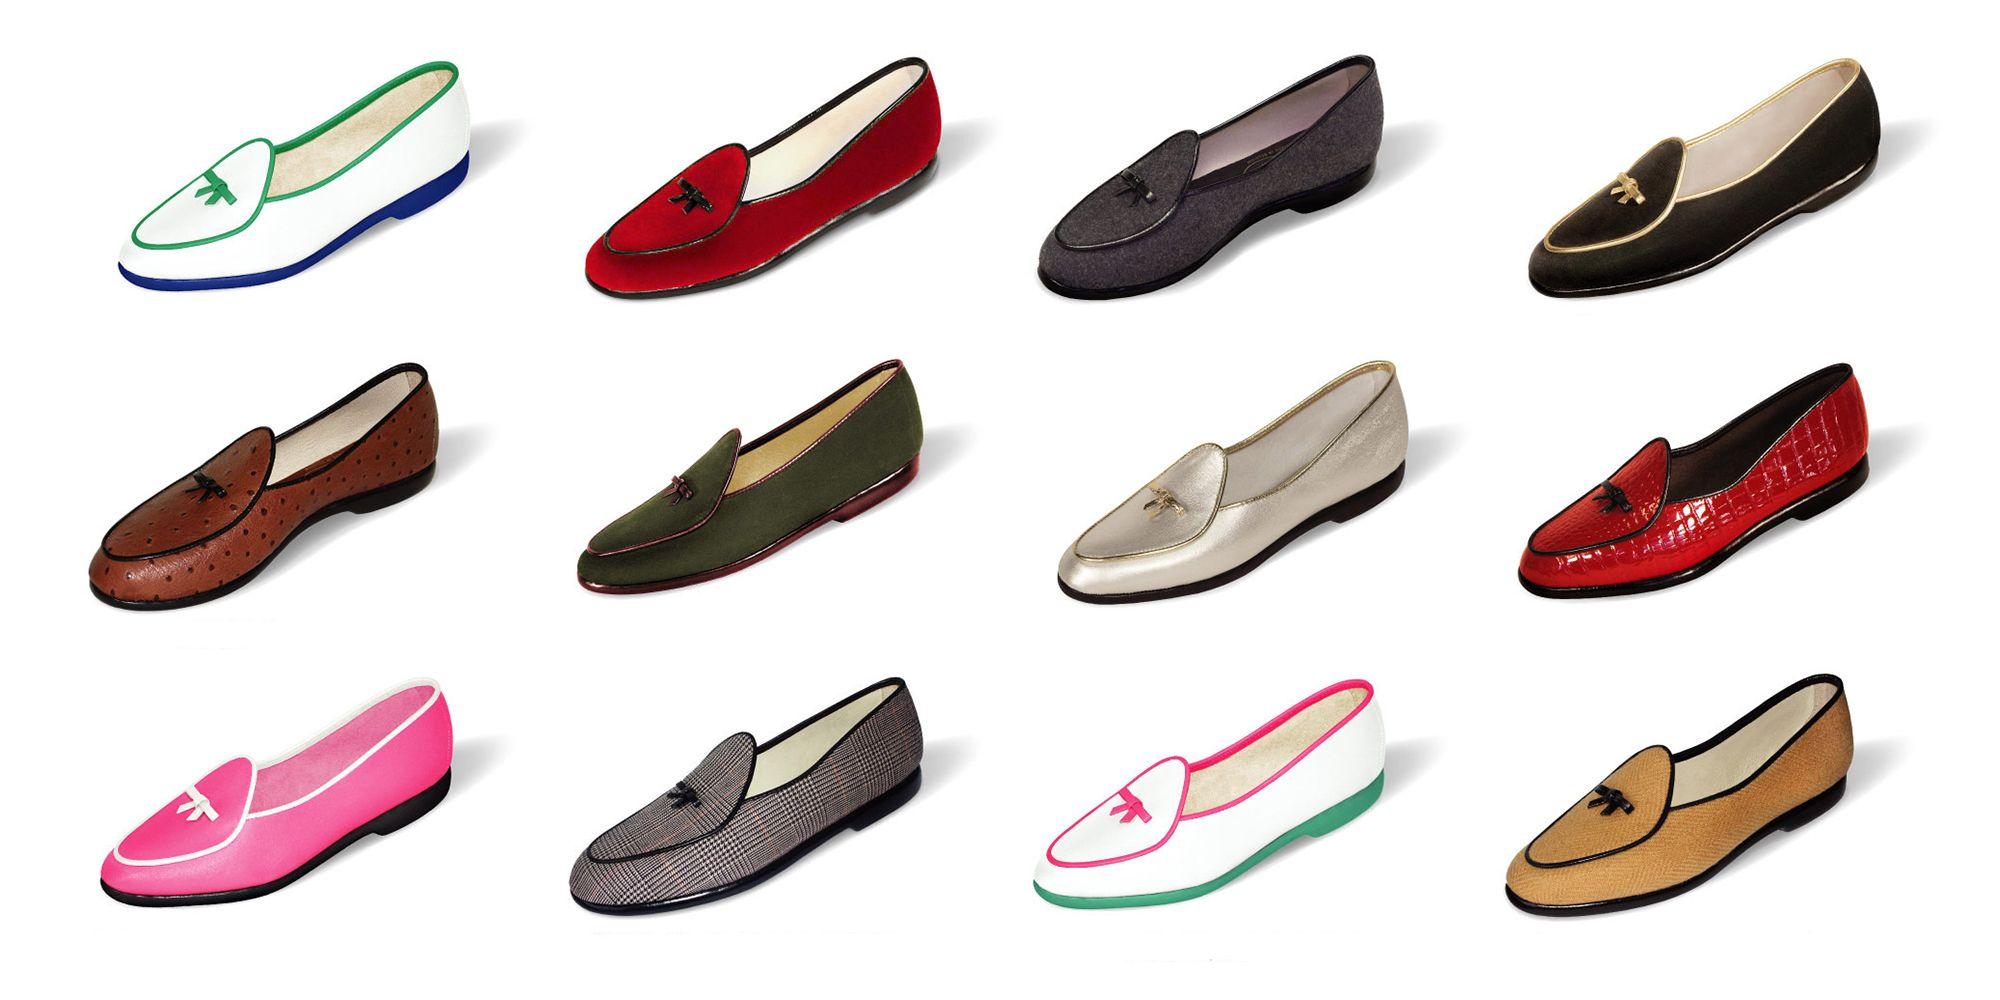 Belgian Shoes - Celebrities Wearing